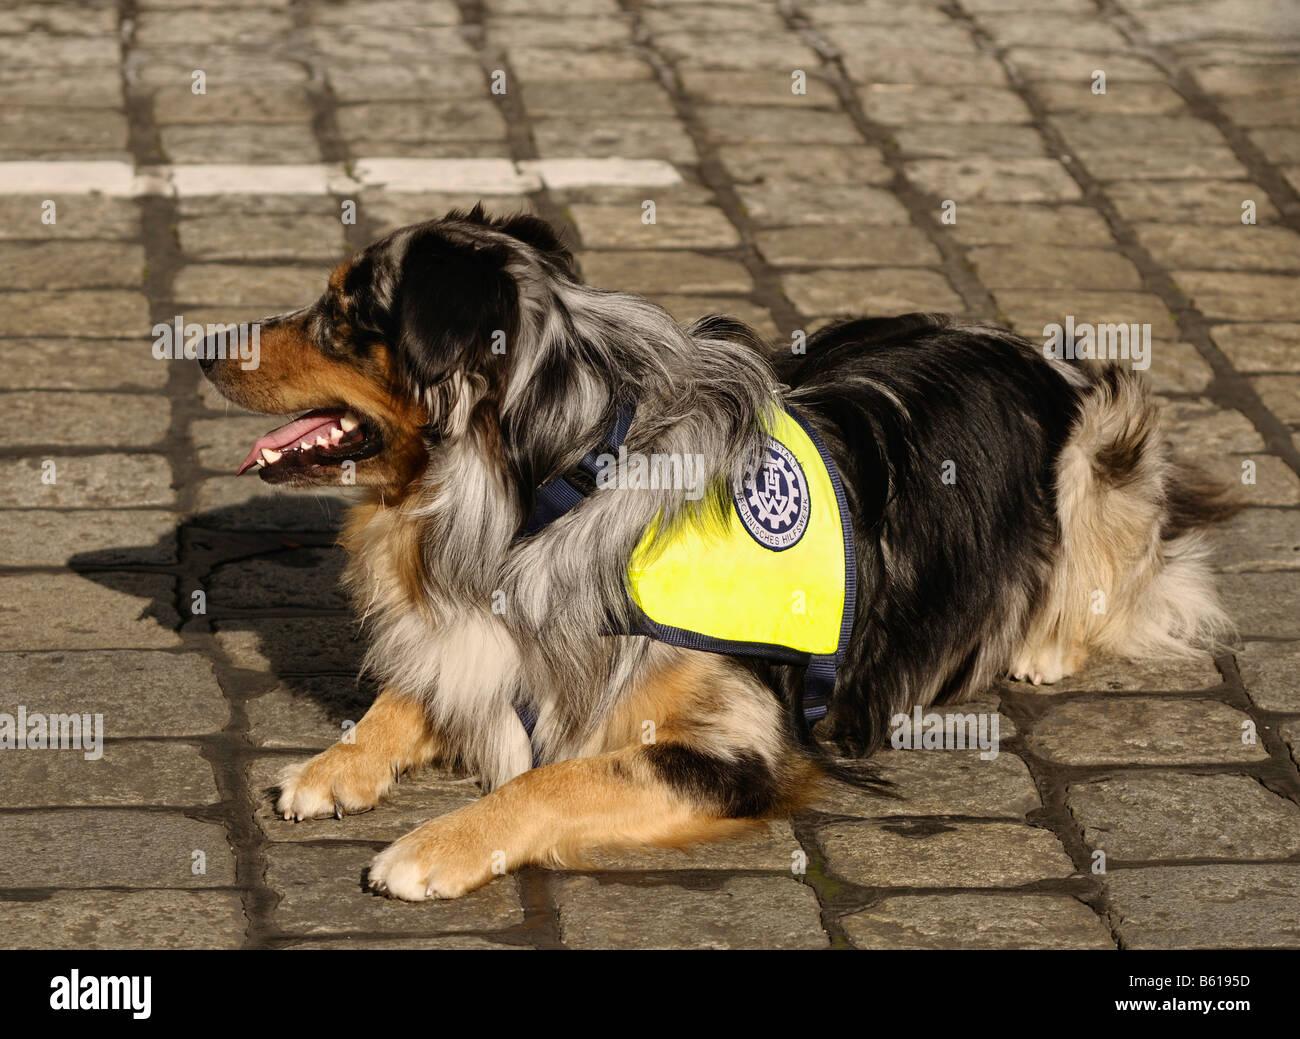 Rescue dog of the technical relief organisation, Technisches Hilfswerk, border collie Stock Photo